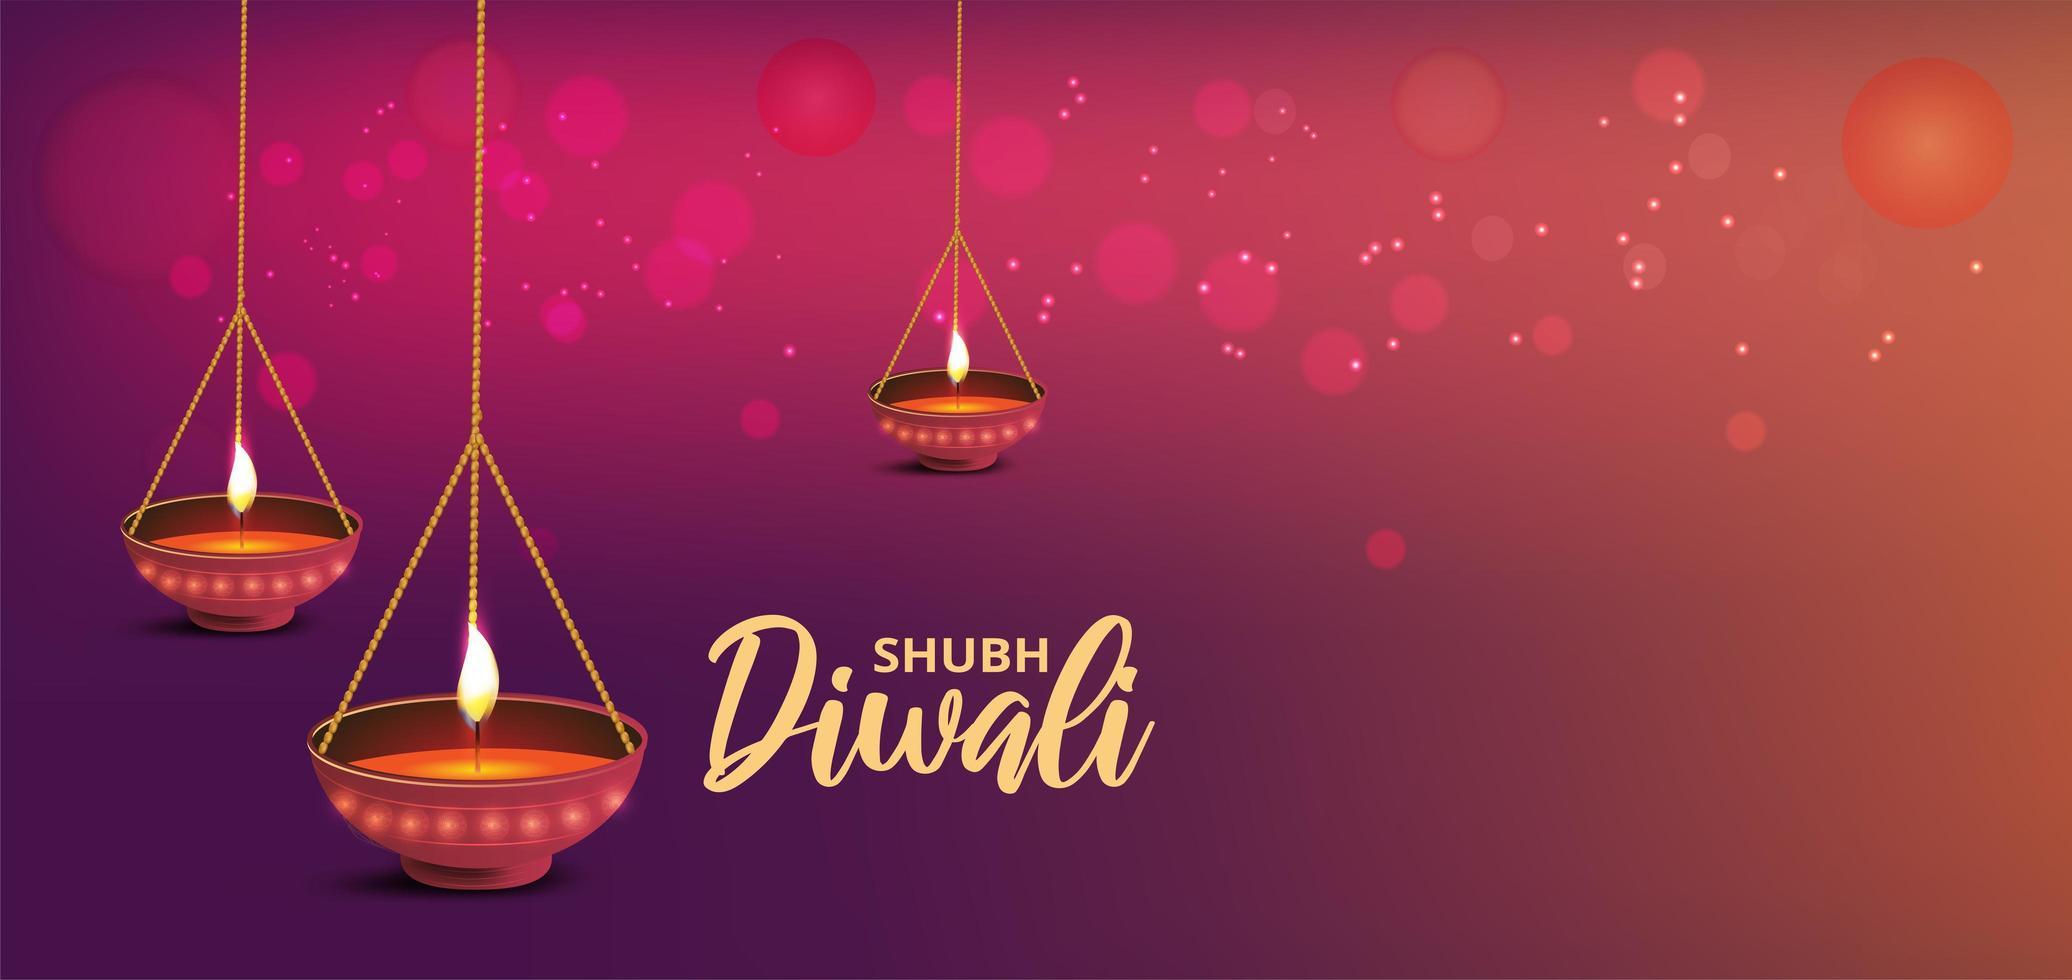 bannière diwali avec lampes à huile réalistes suspendues sur gradient vecteur